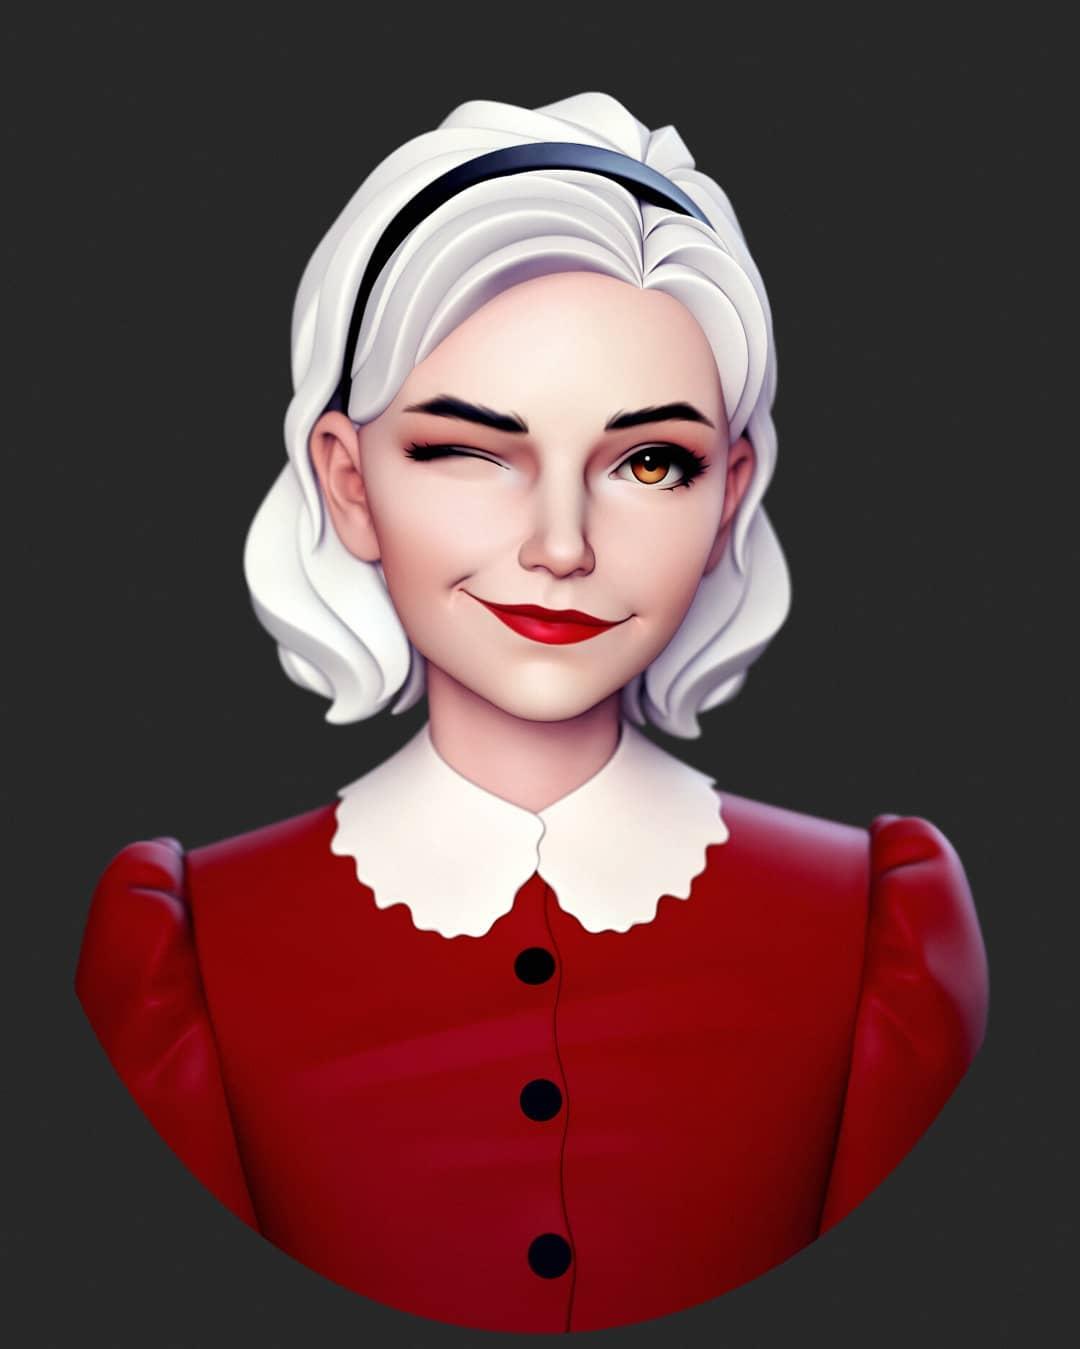 3d model character girl by yuriy moskvin